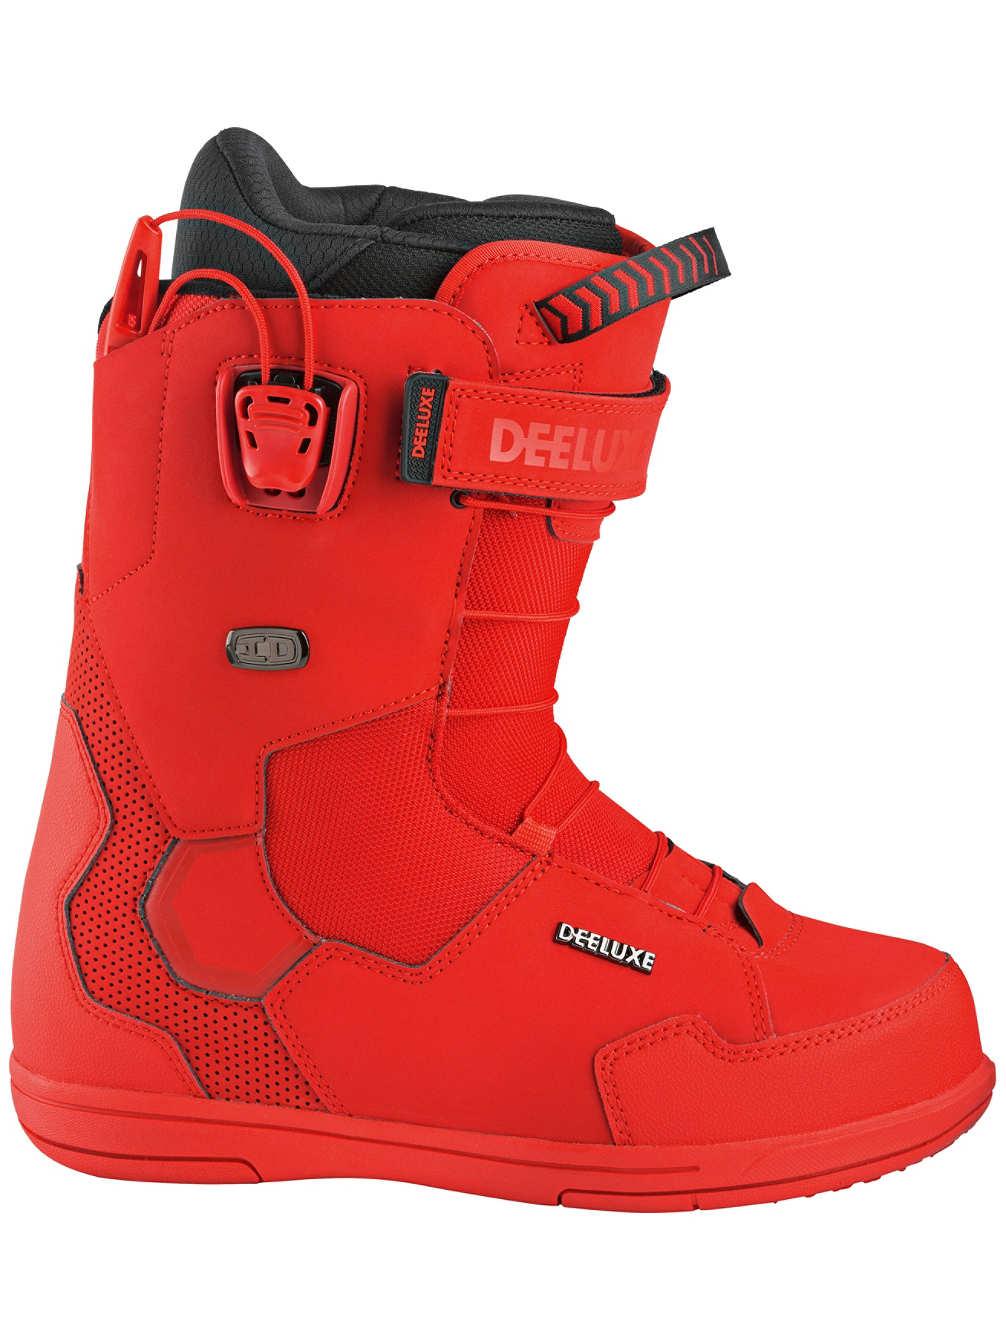 ID PF 2020 Snowboardboots